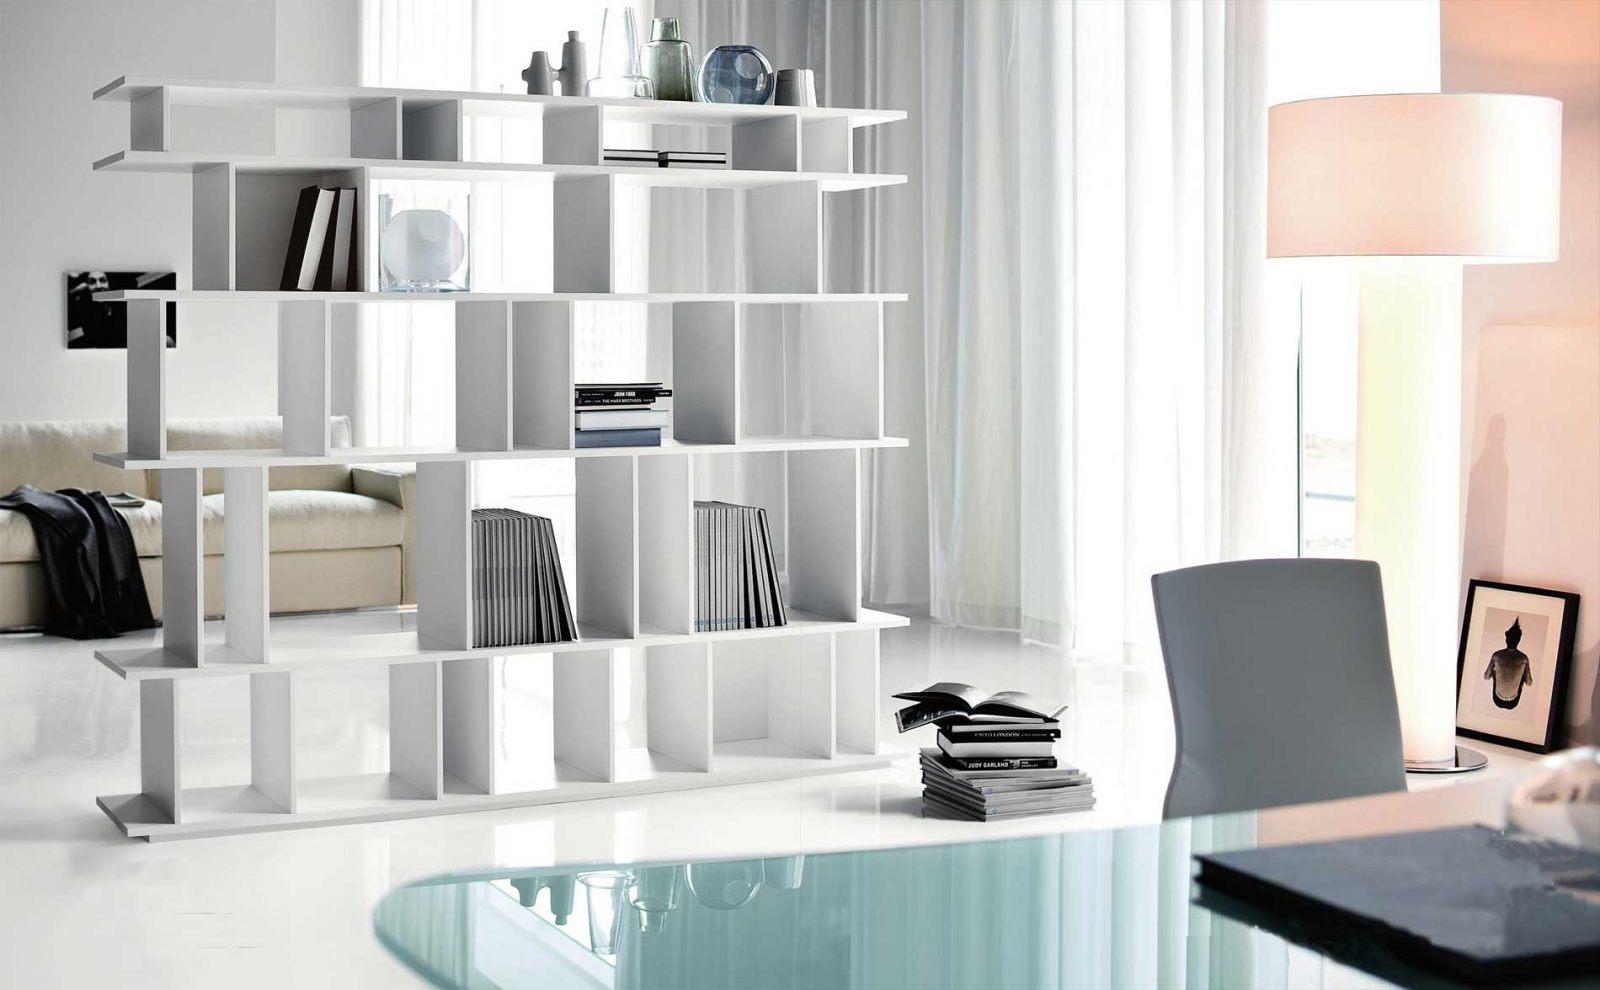 Craigslist Design Of The Interior Furniture ~ Estante moderna para a sala fotos e imagens